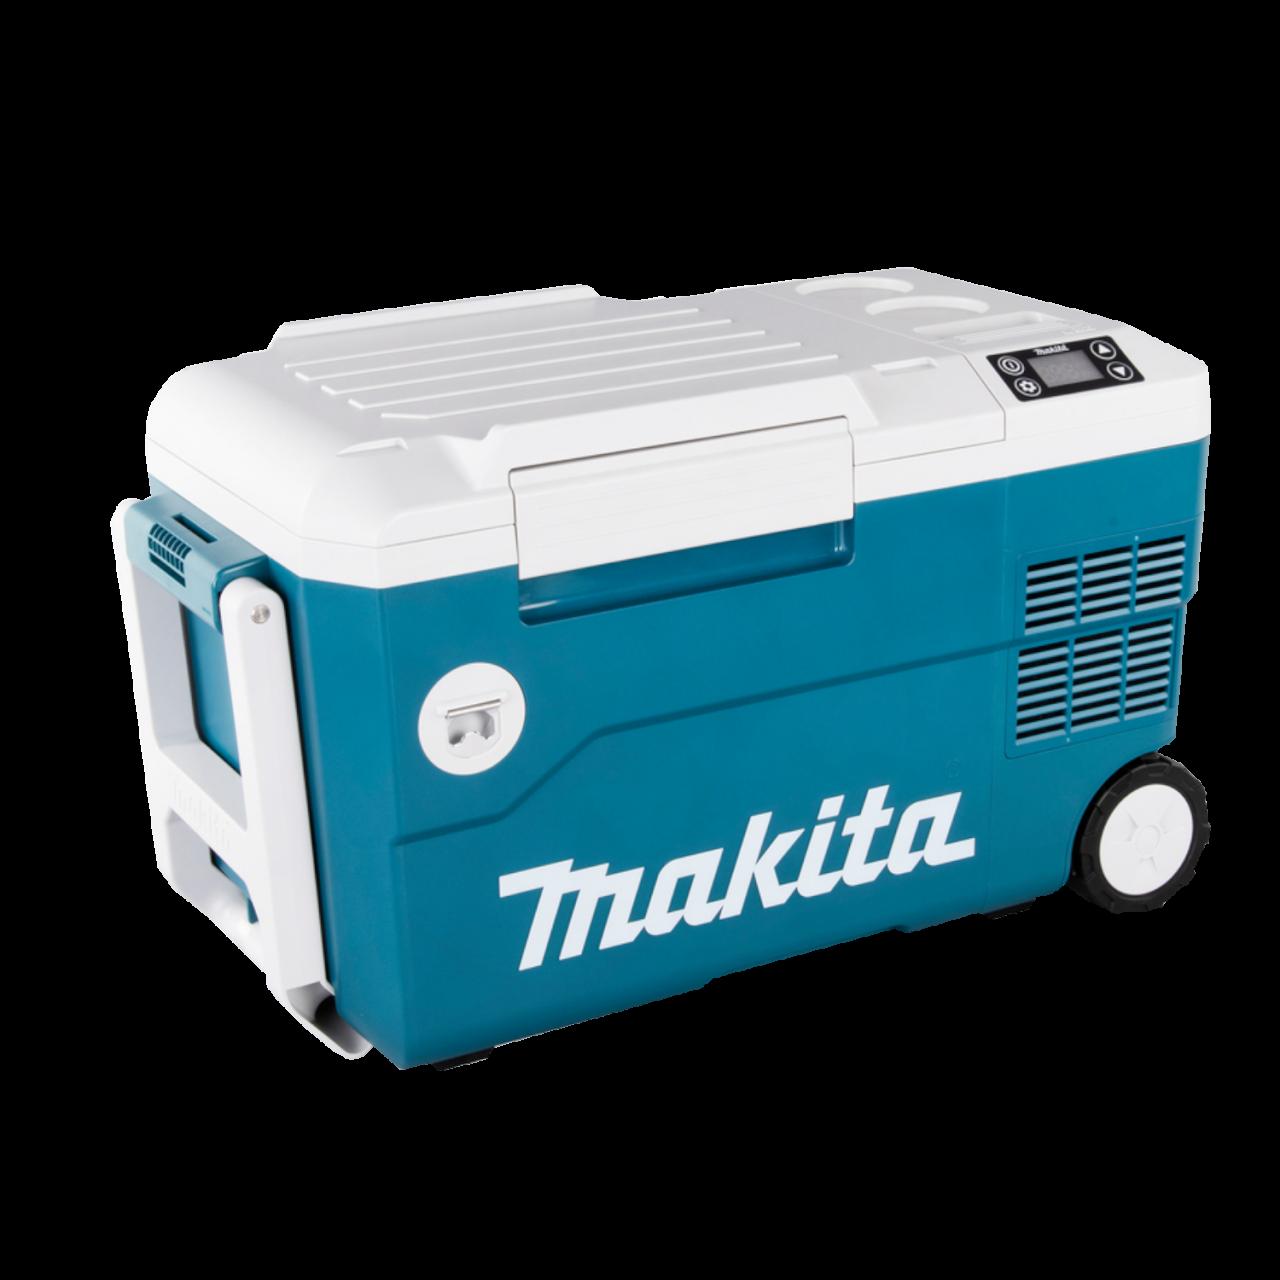 Makita DCW180Z mobile Akku-Kühl und Wärmebox 18V, 12V/24V KFZ, 230V, -18° C bis +60° C